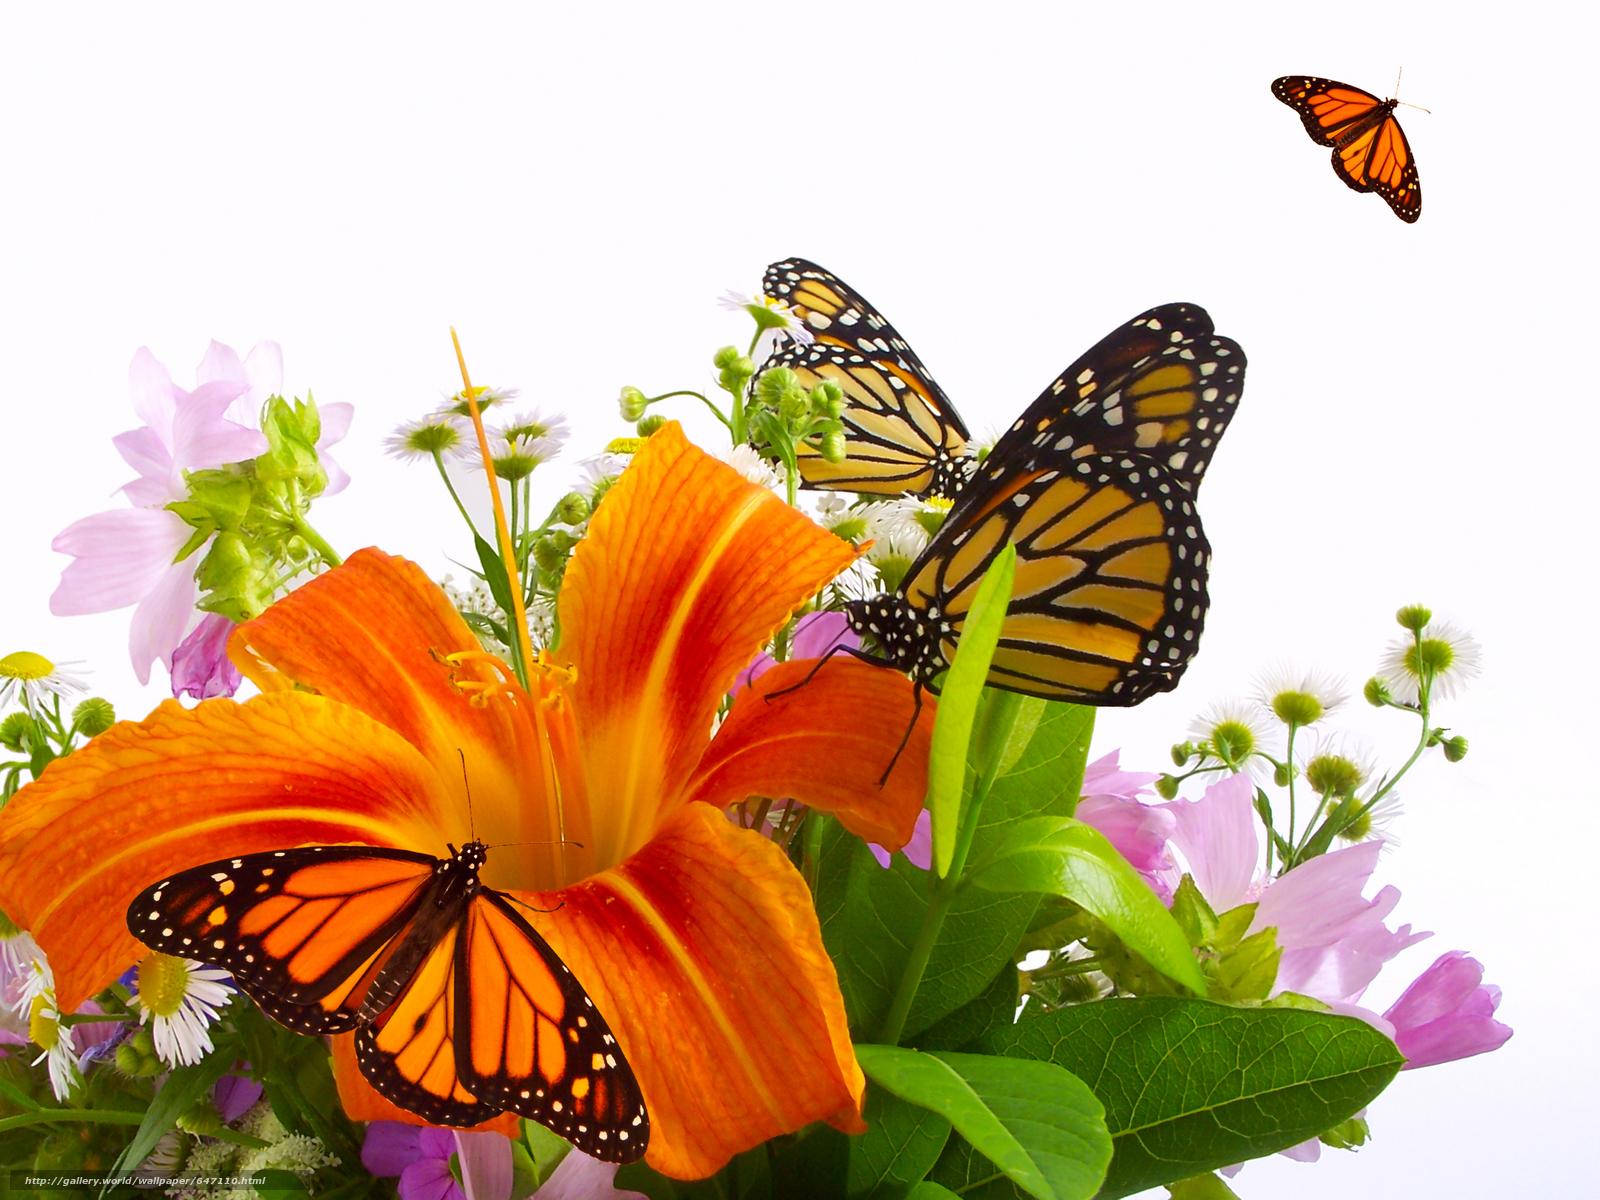 Скачать обои цветы,  лилии,  бабочки бесплатно для рабочего стола в разрешении 5152x3864 — картинка №647110